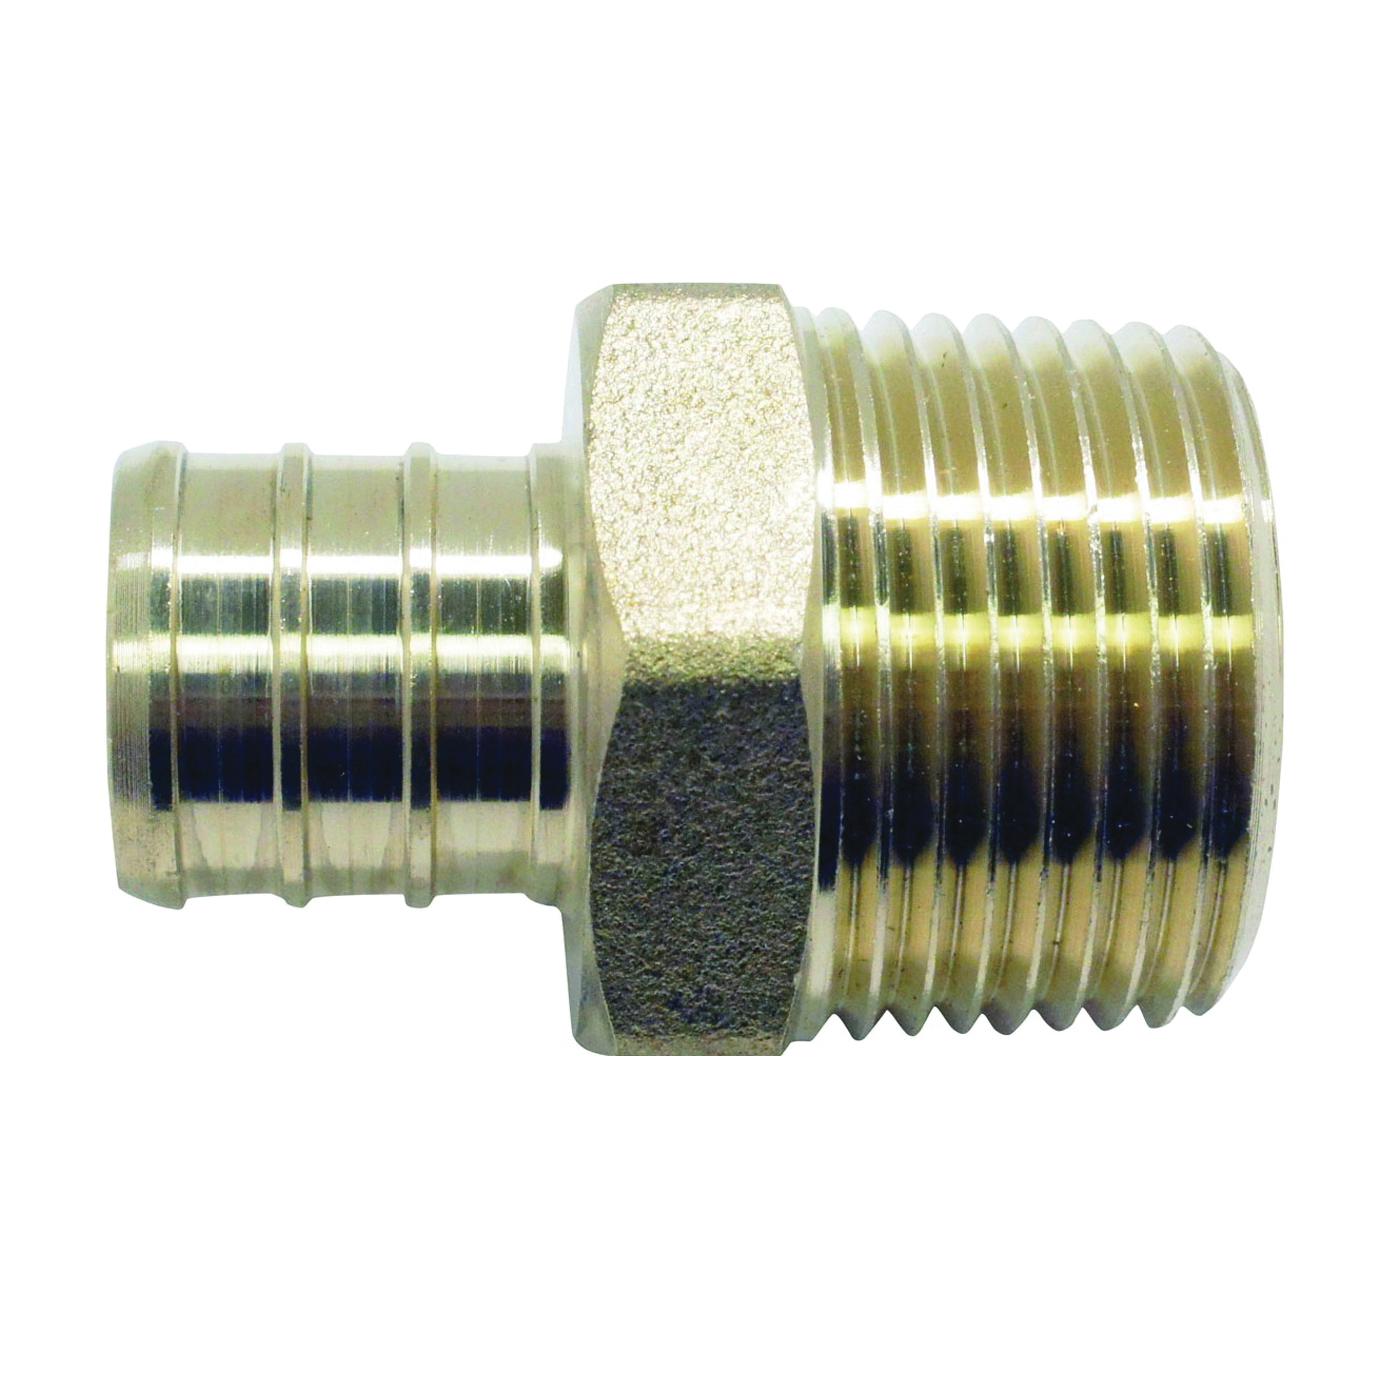 Picture of Apollo APXMA11 Pipe Adapter, 1 in, PEX x MPT, Brass, 200 psi Pressure